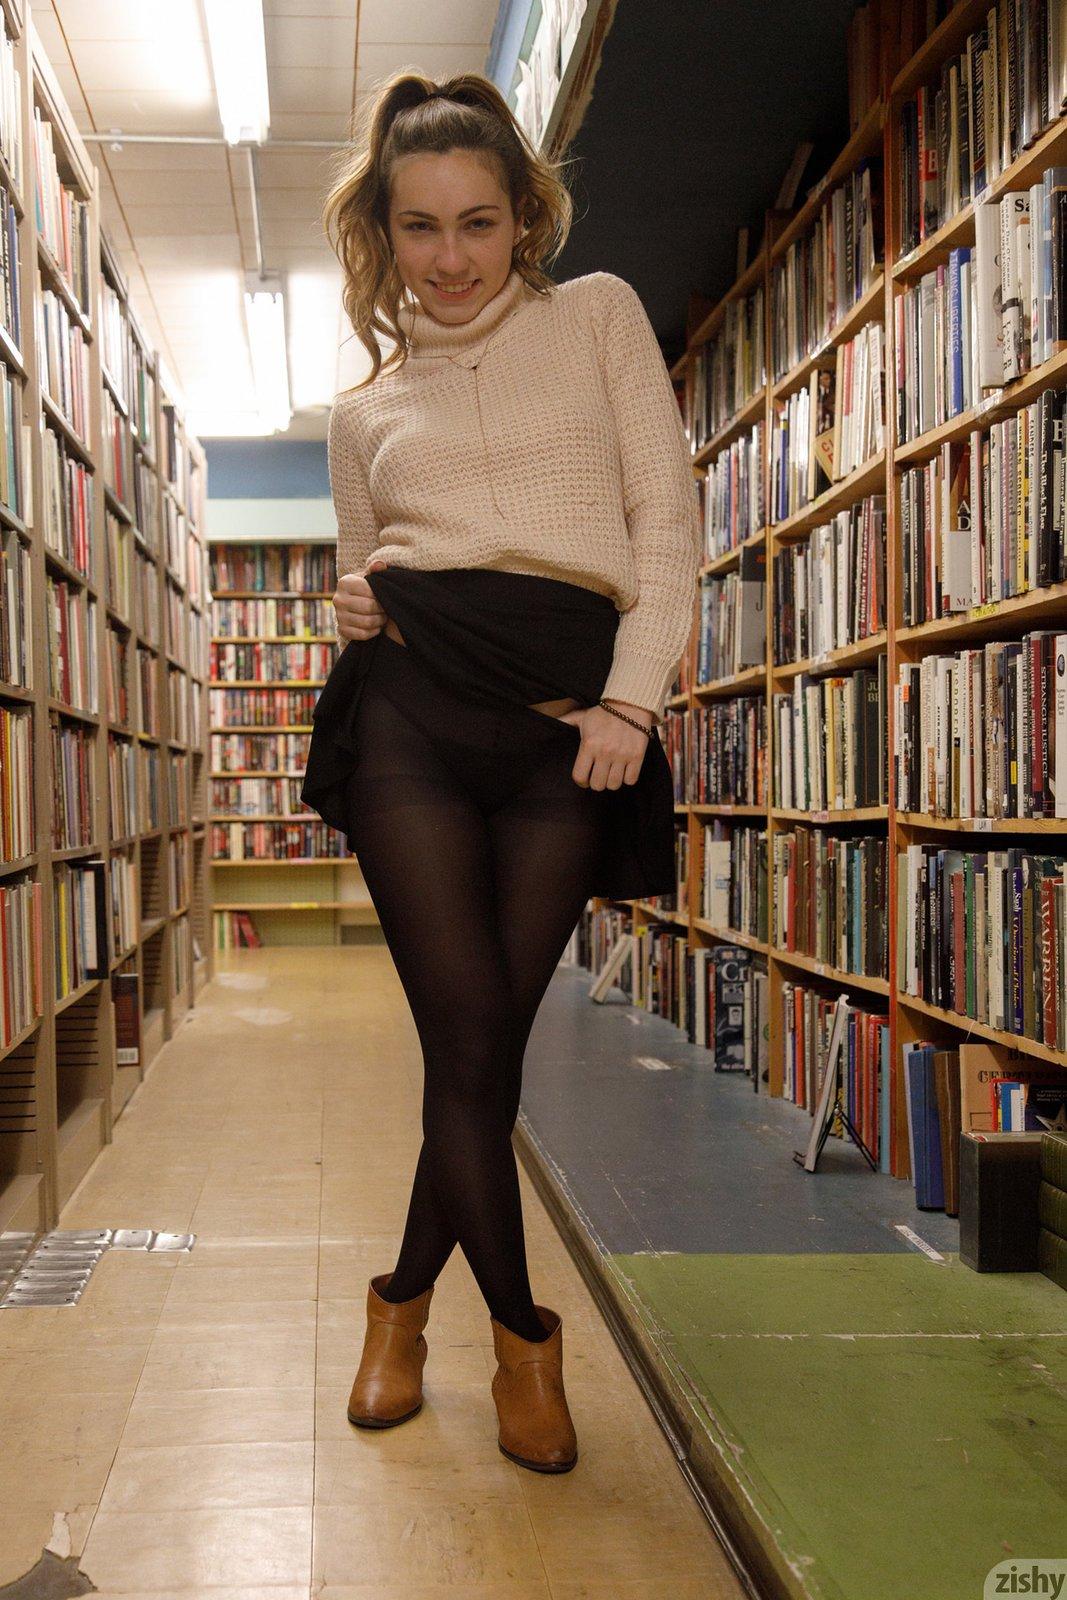 Симпатичная тёлка в юбке продемонстрировала попку и дойки в библиотеке